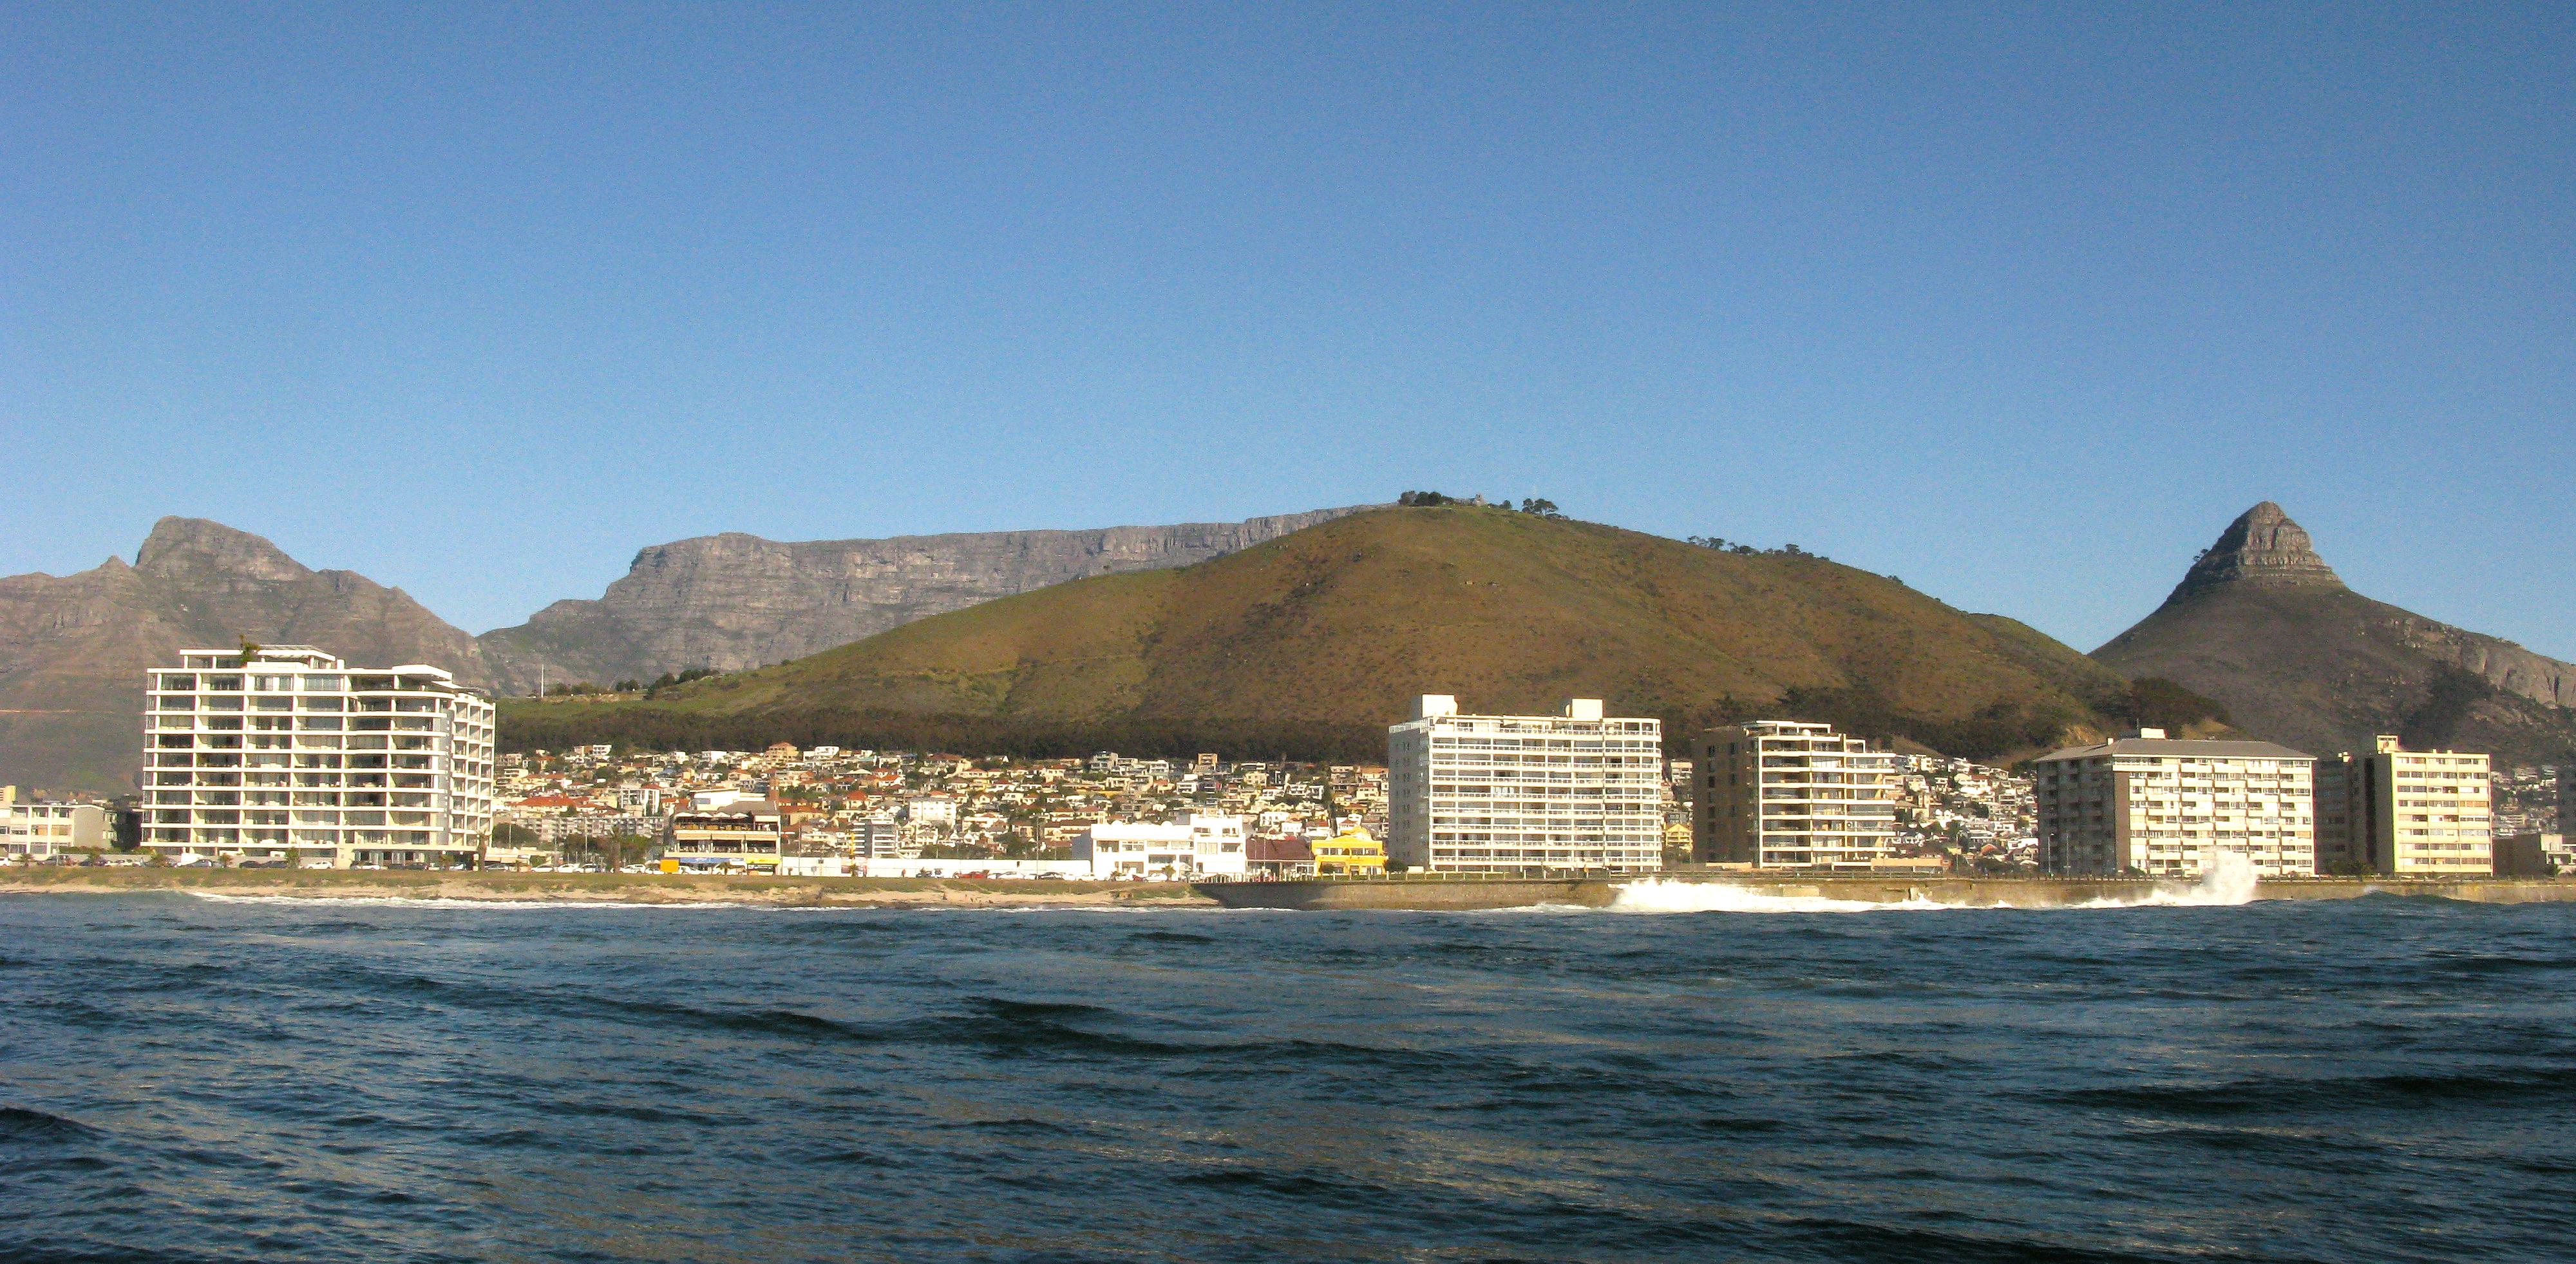 Dolphin Inn and Table Mountain